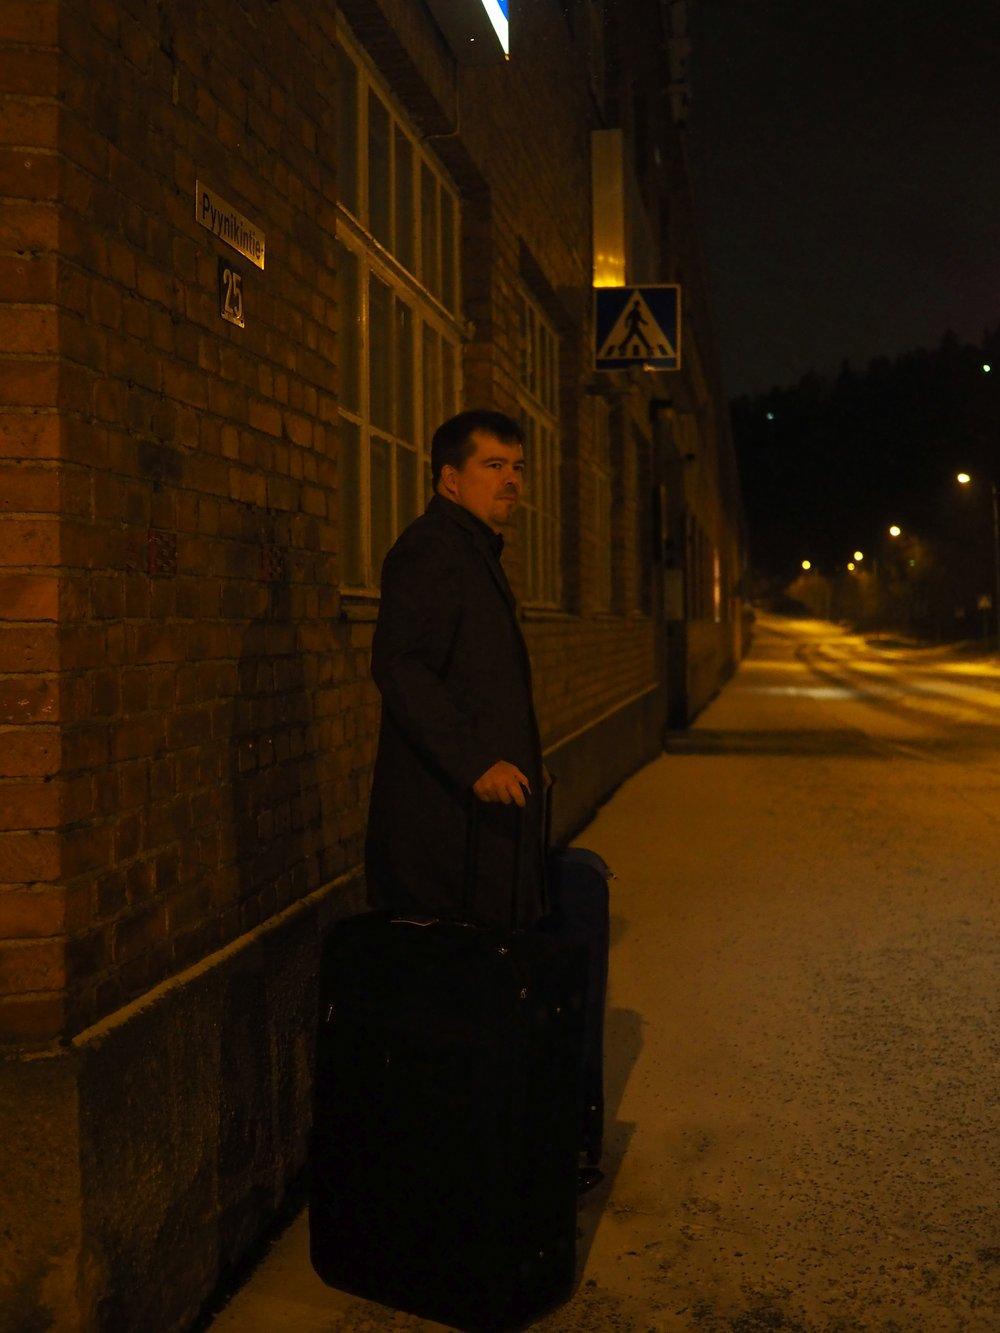 Maanantai:  Suunniteltua aikaisempi lähtö aamulla, koska iltapäivälento peruuttiin edellisenä päivänä. Pyynikin toimistolla odotan taksia kolme matkalaukkua täynnä kenkänäytteitä. Lento Tukholman kautta New Yorkiin FFaNY -kenkämessuille